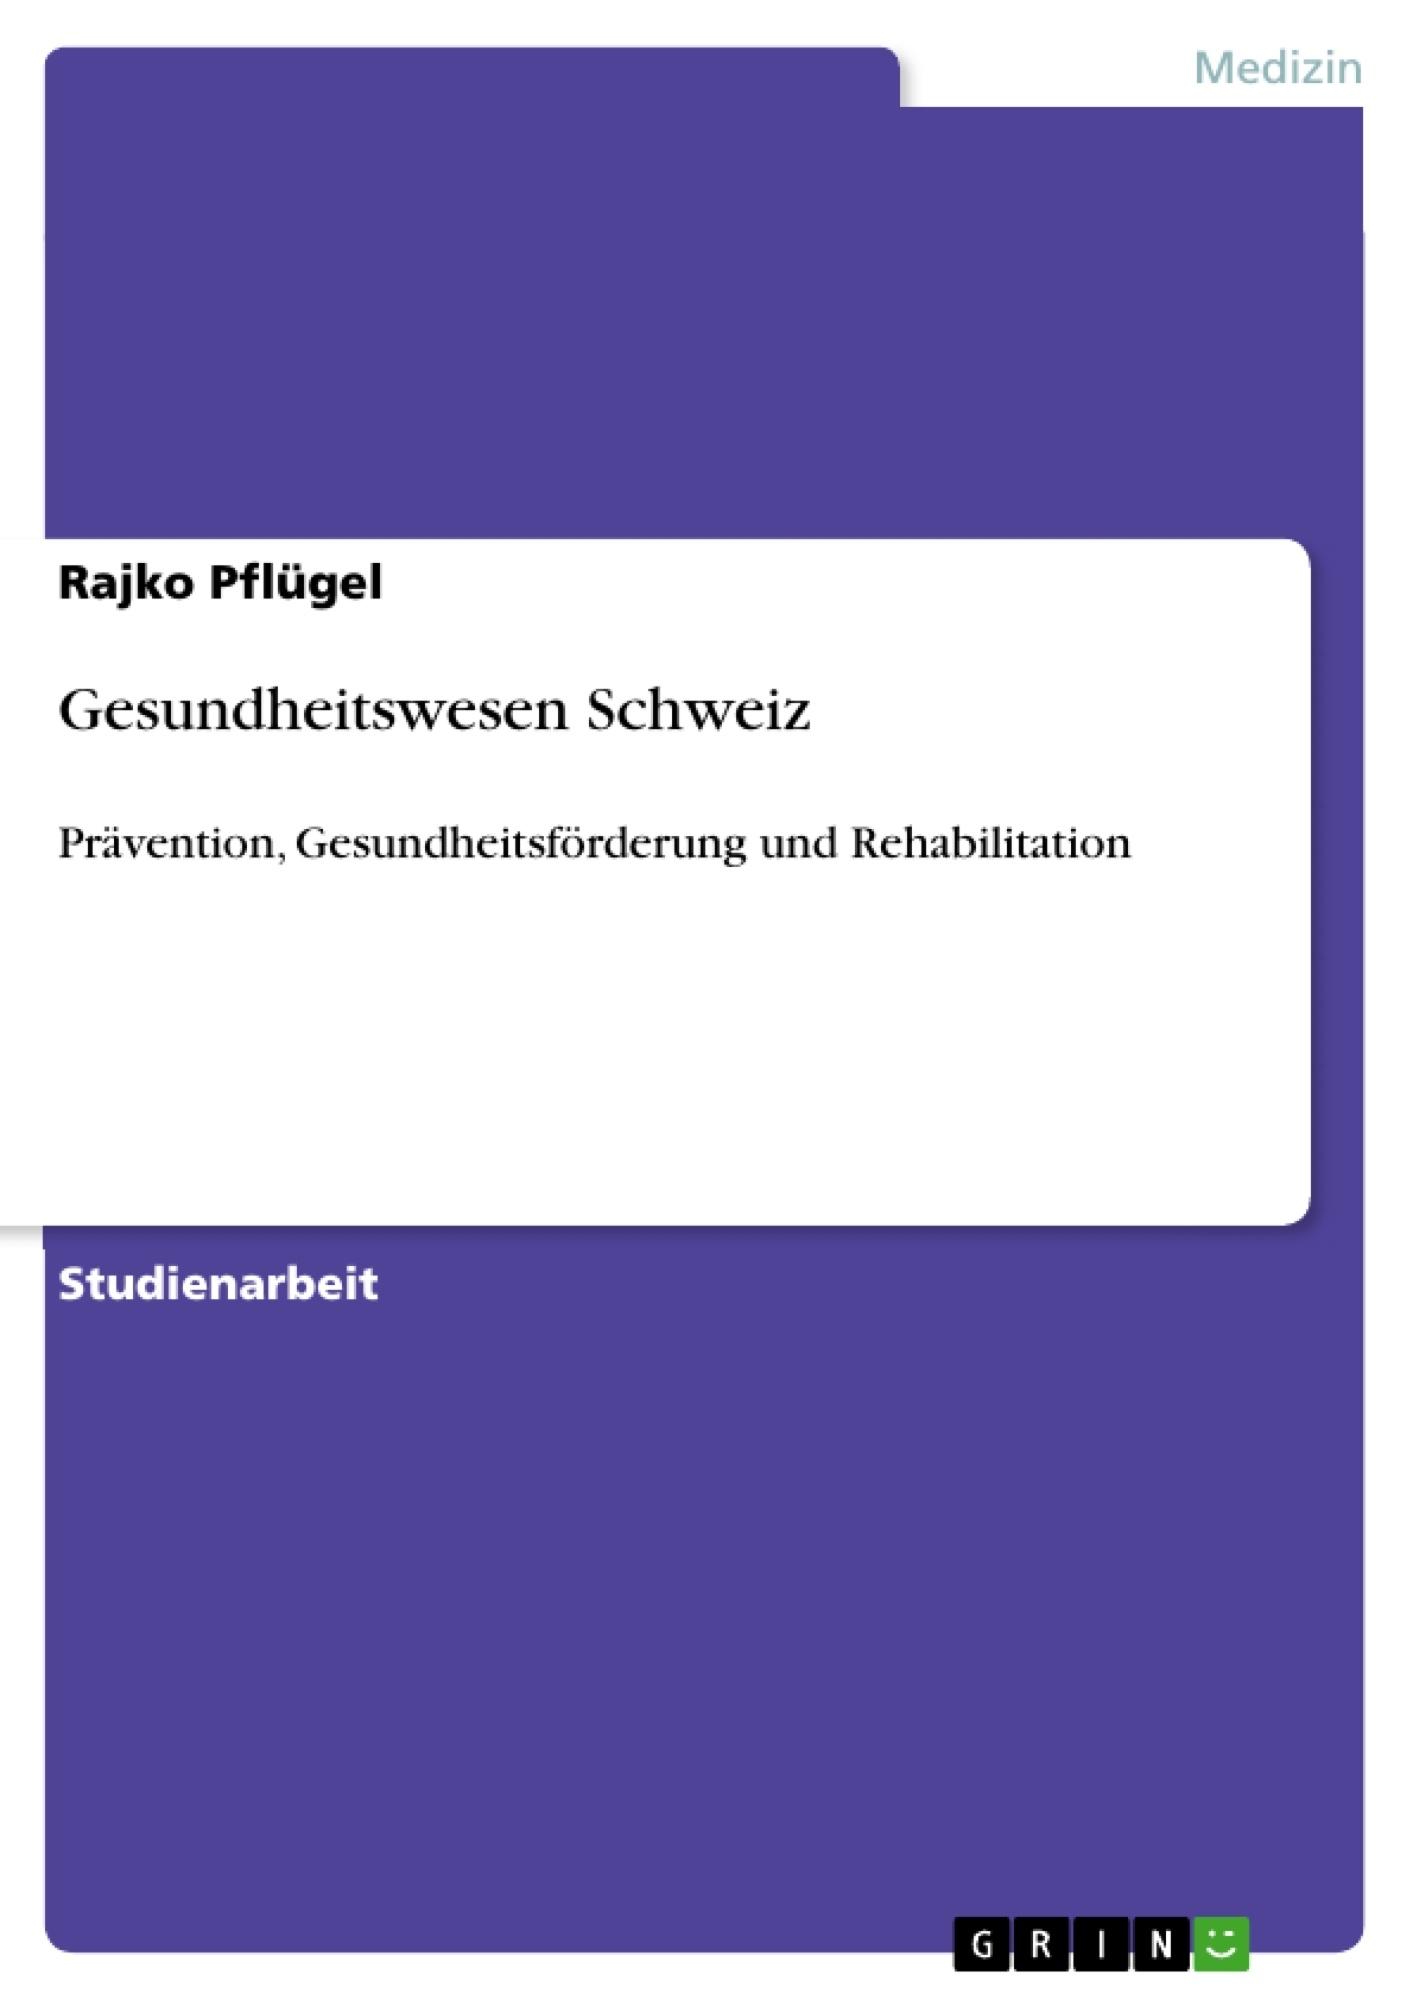 Titel: Gesundheitswesen Schweiz